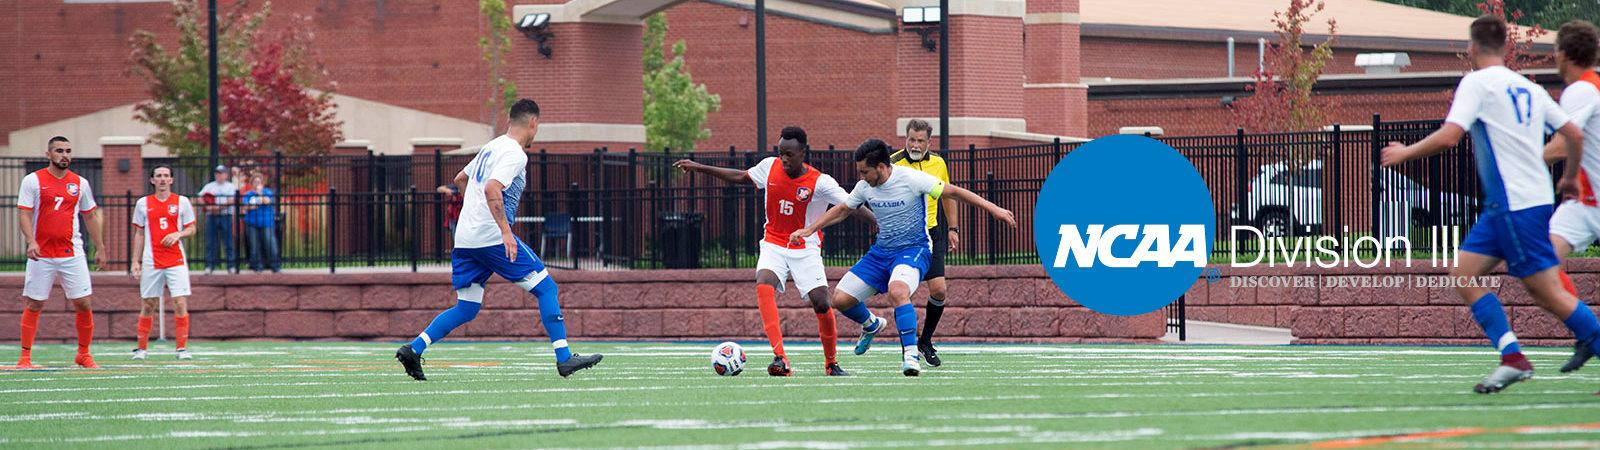 Northland College Men's Soccer NCAA III